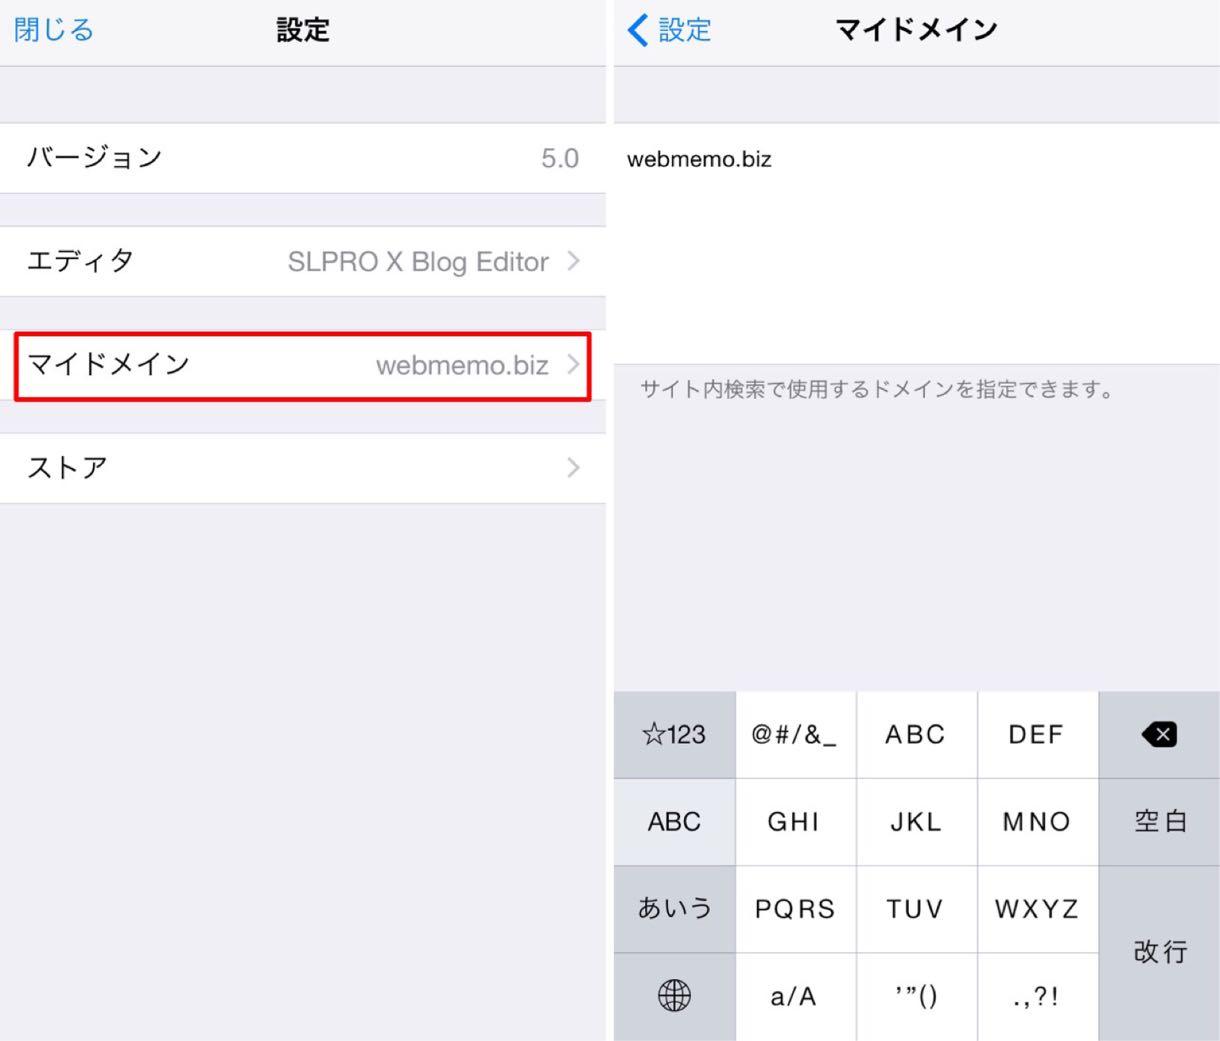 サイト検索のURL指定